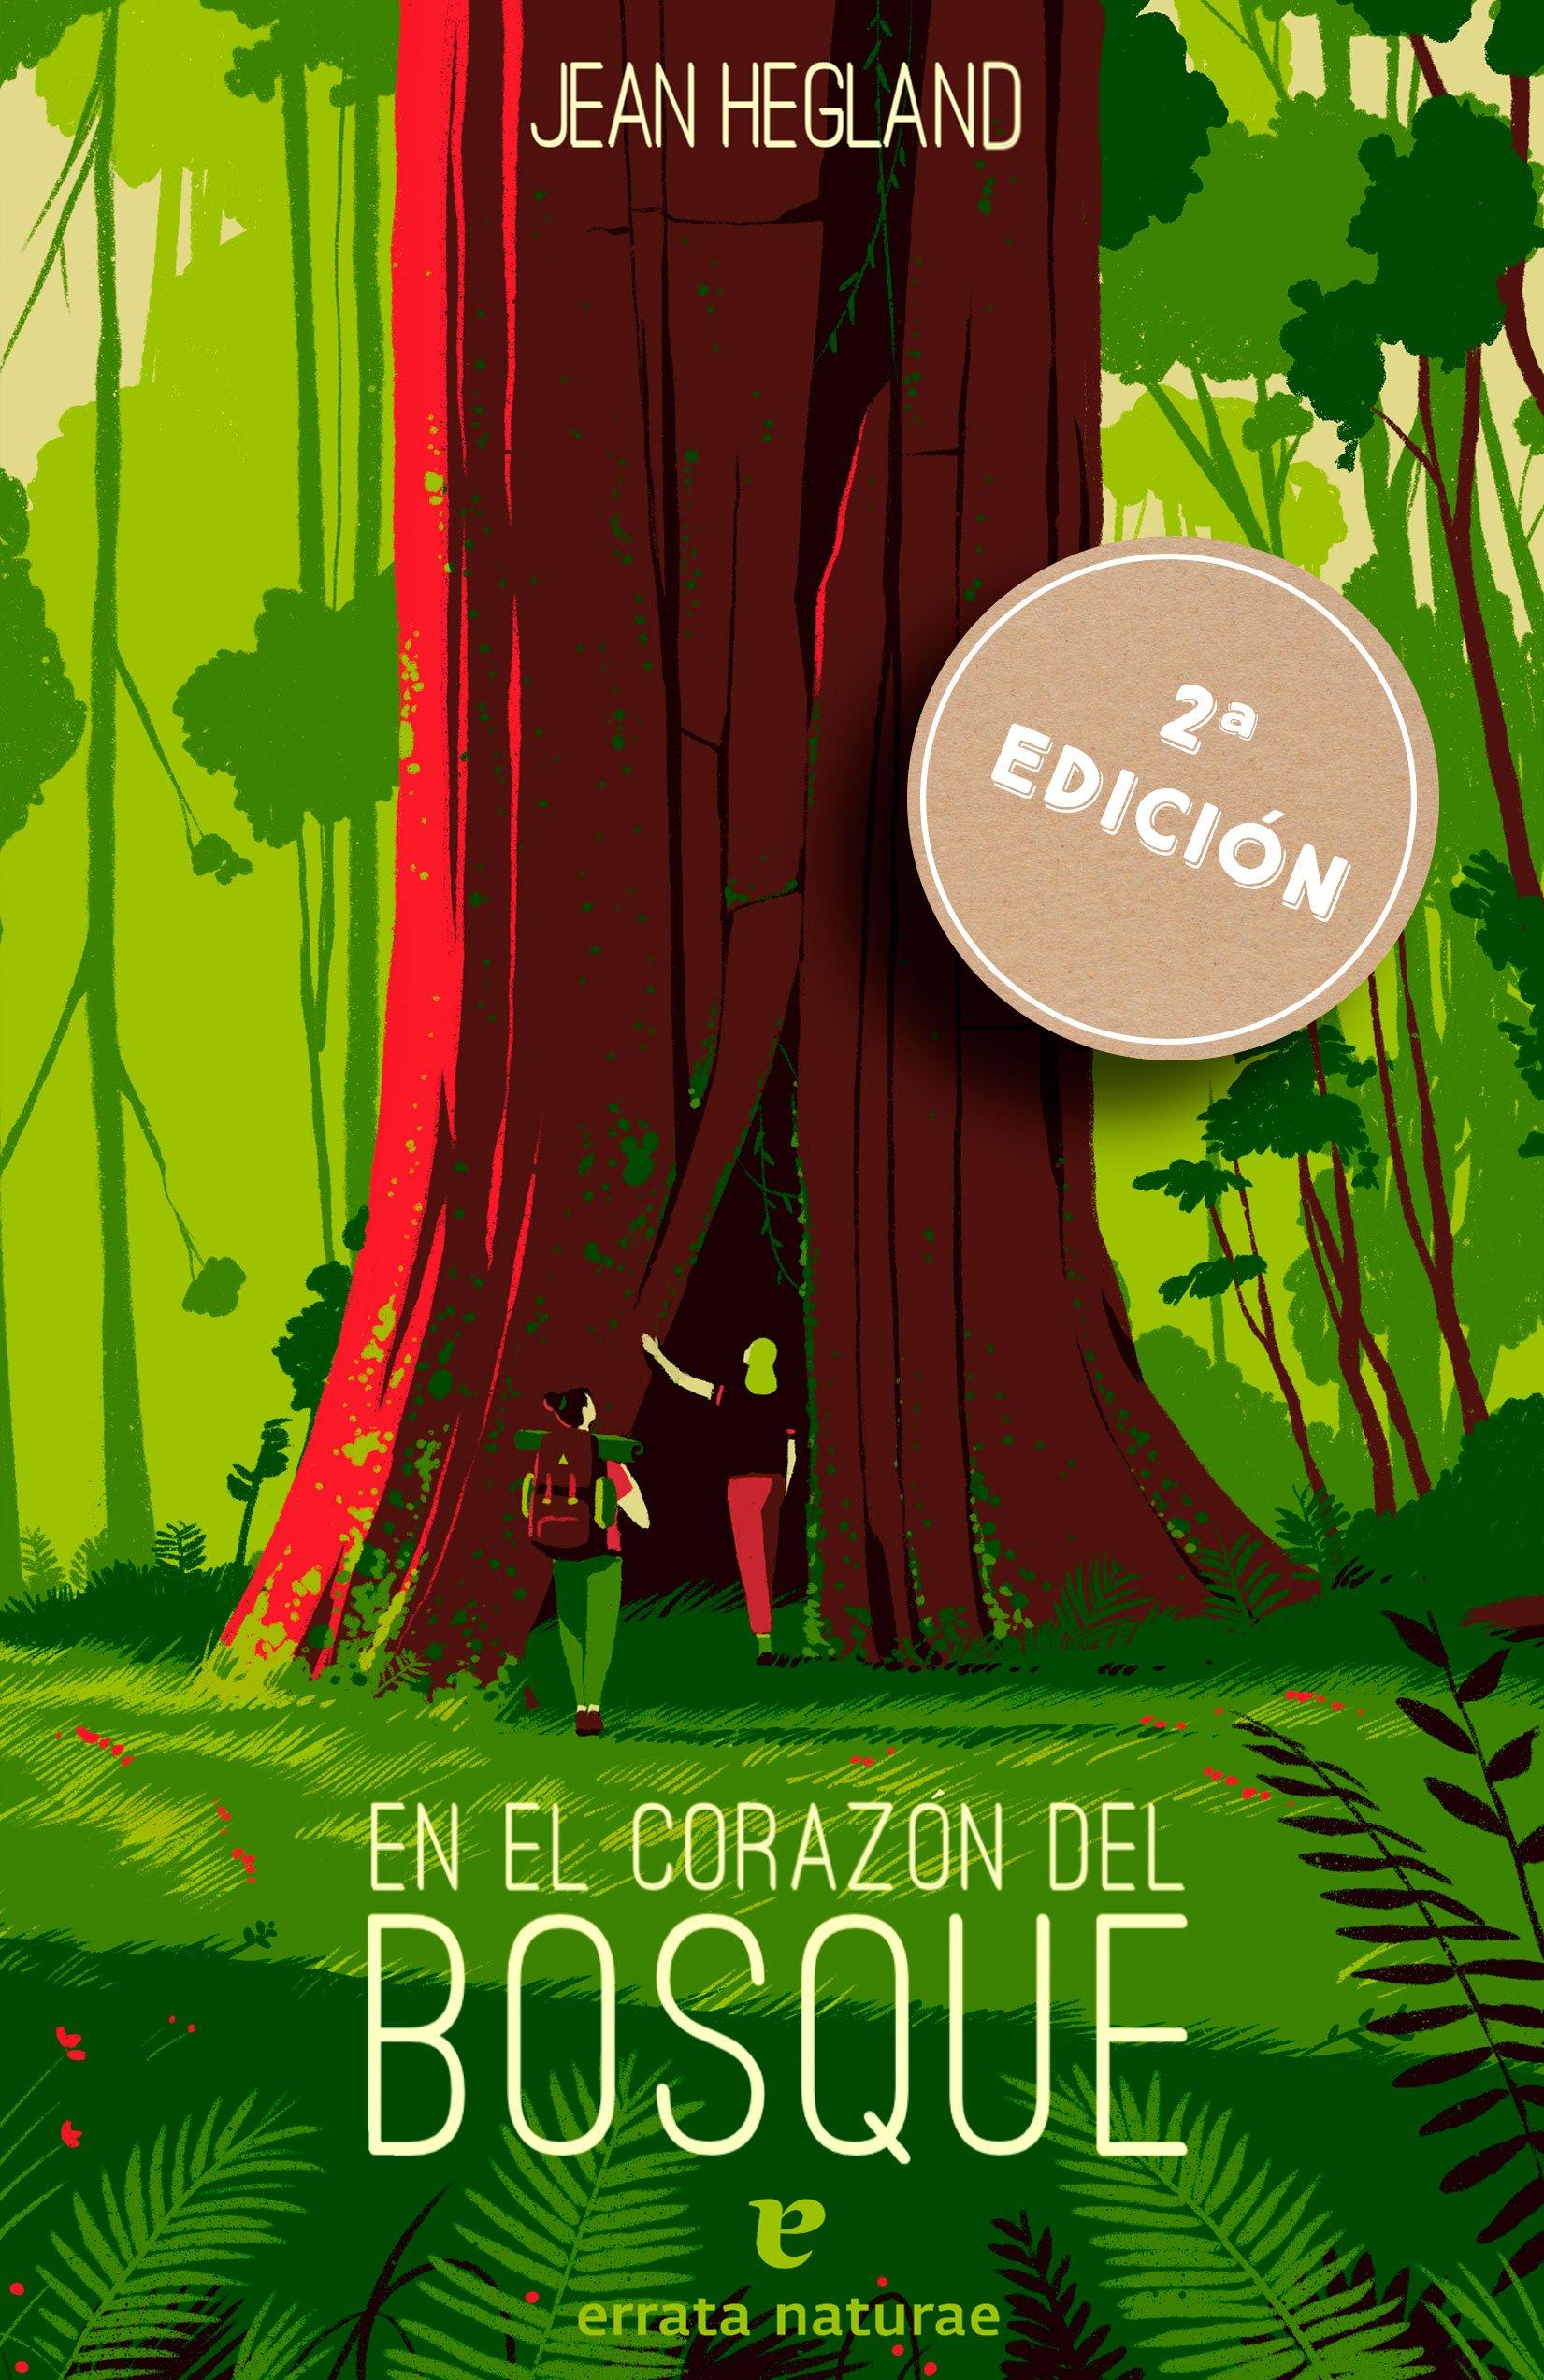 portada_en_el_corazon_del_bosque_2ed-web